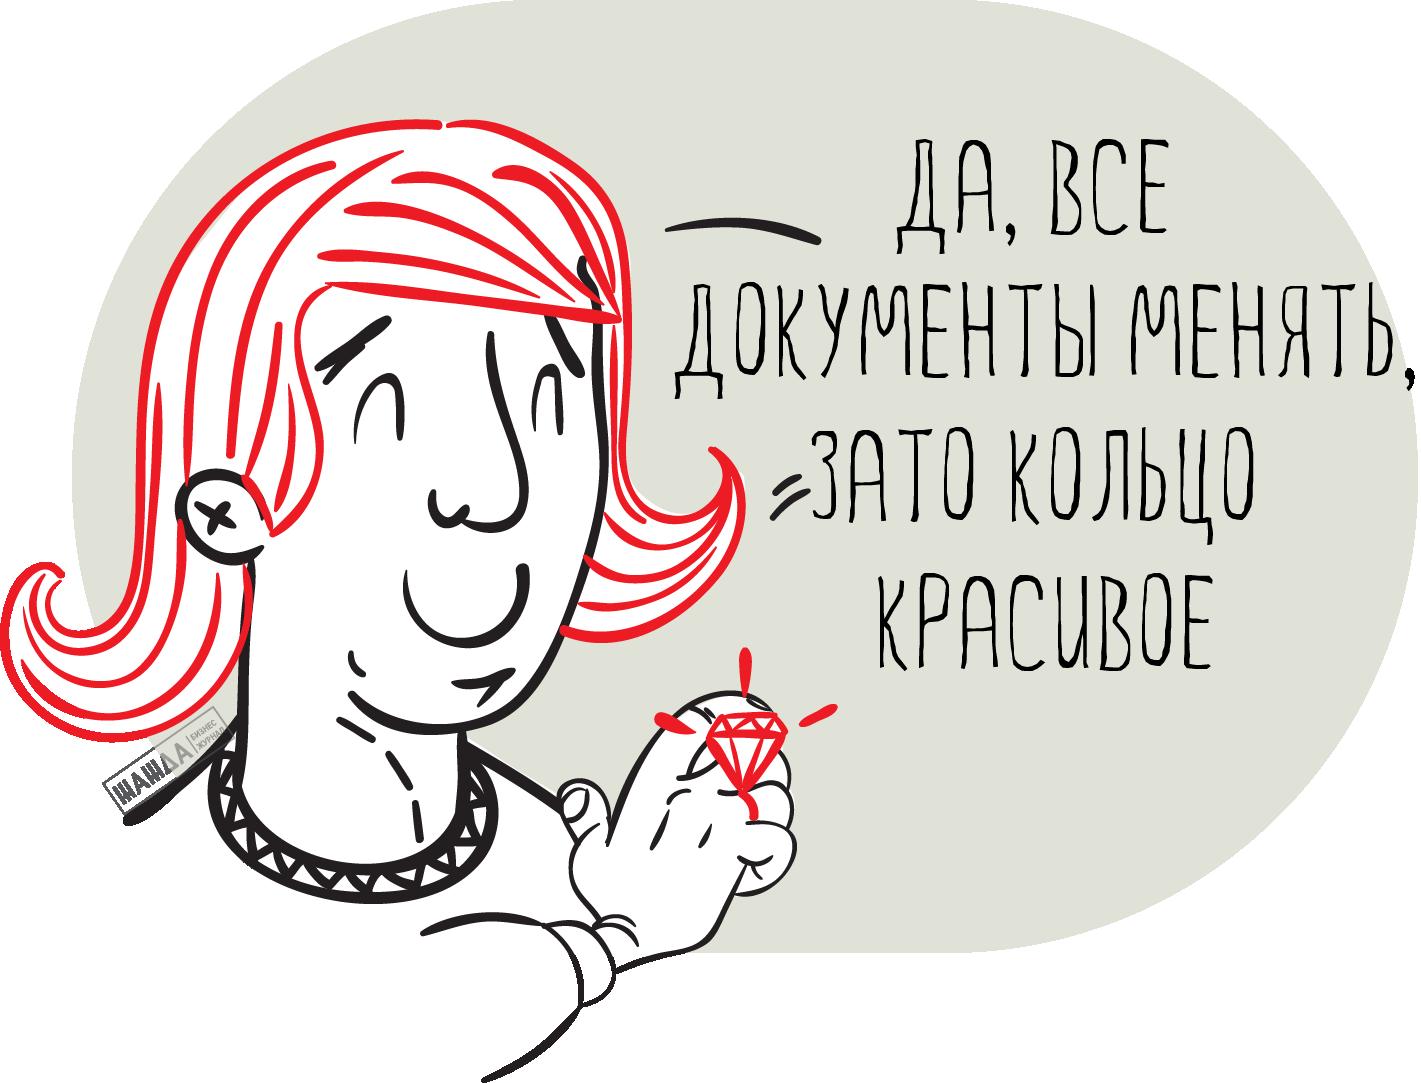 Смена фамилии директора ООО